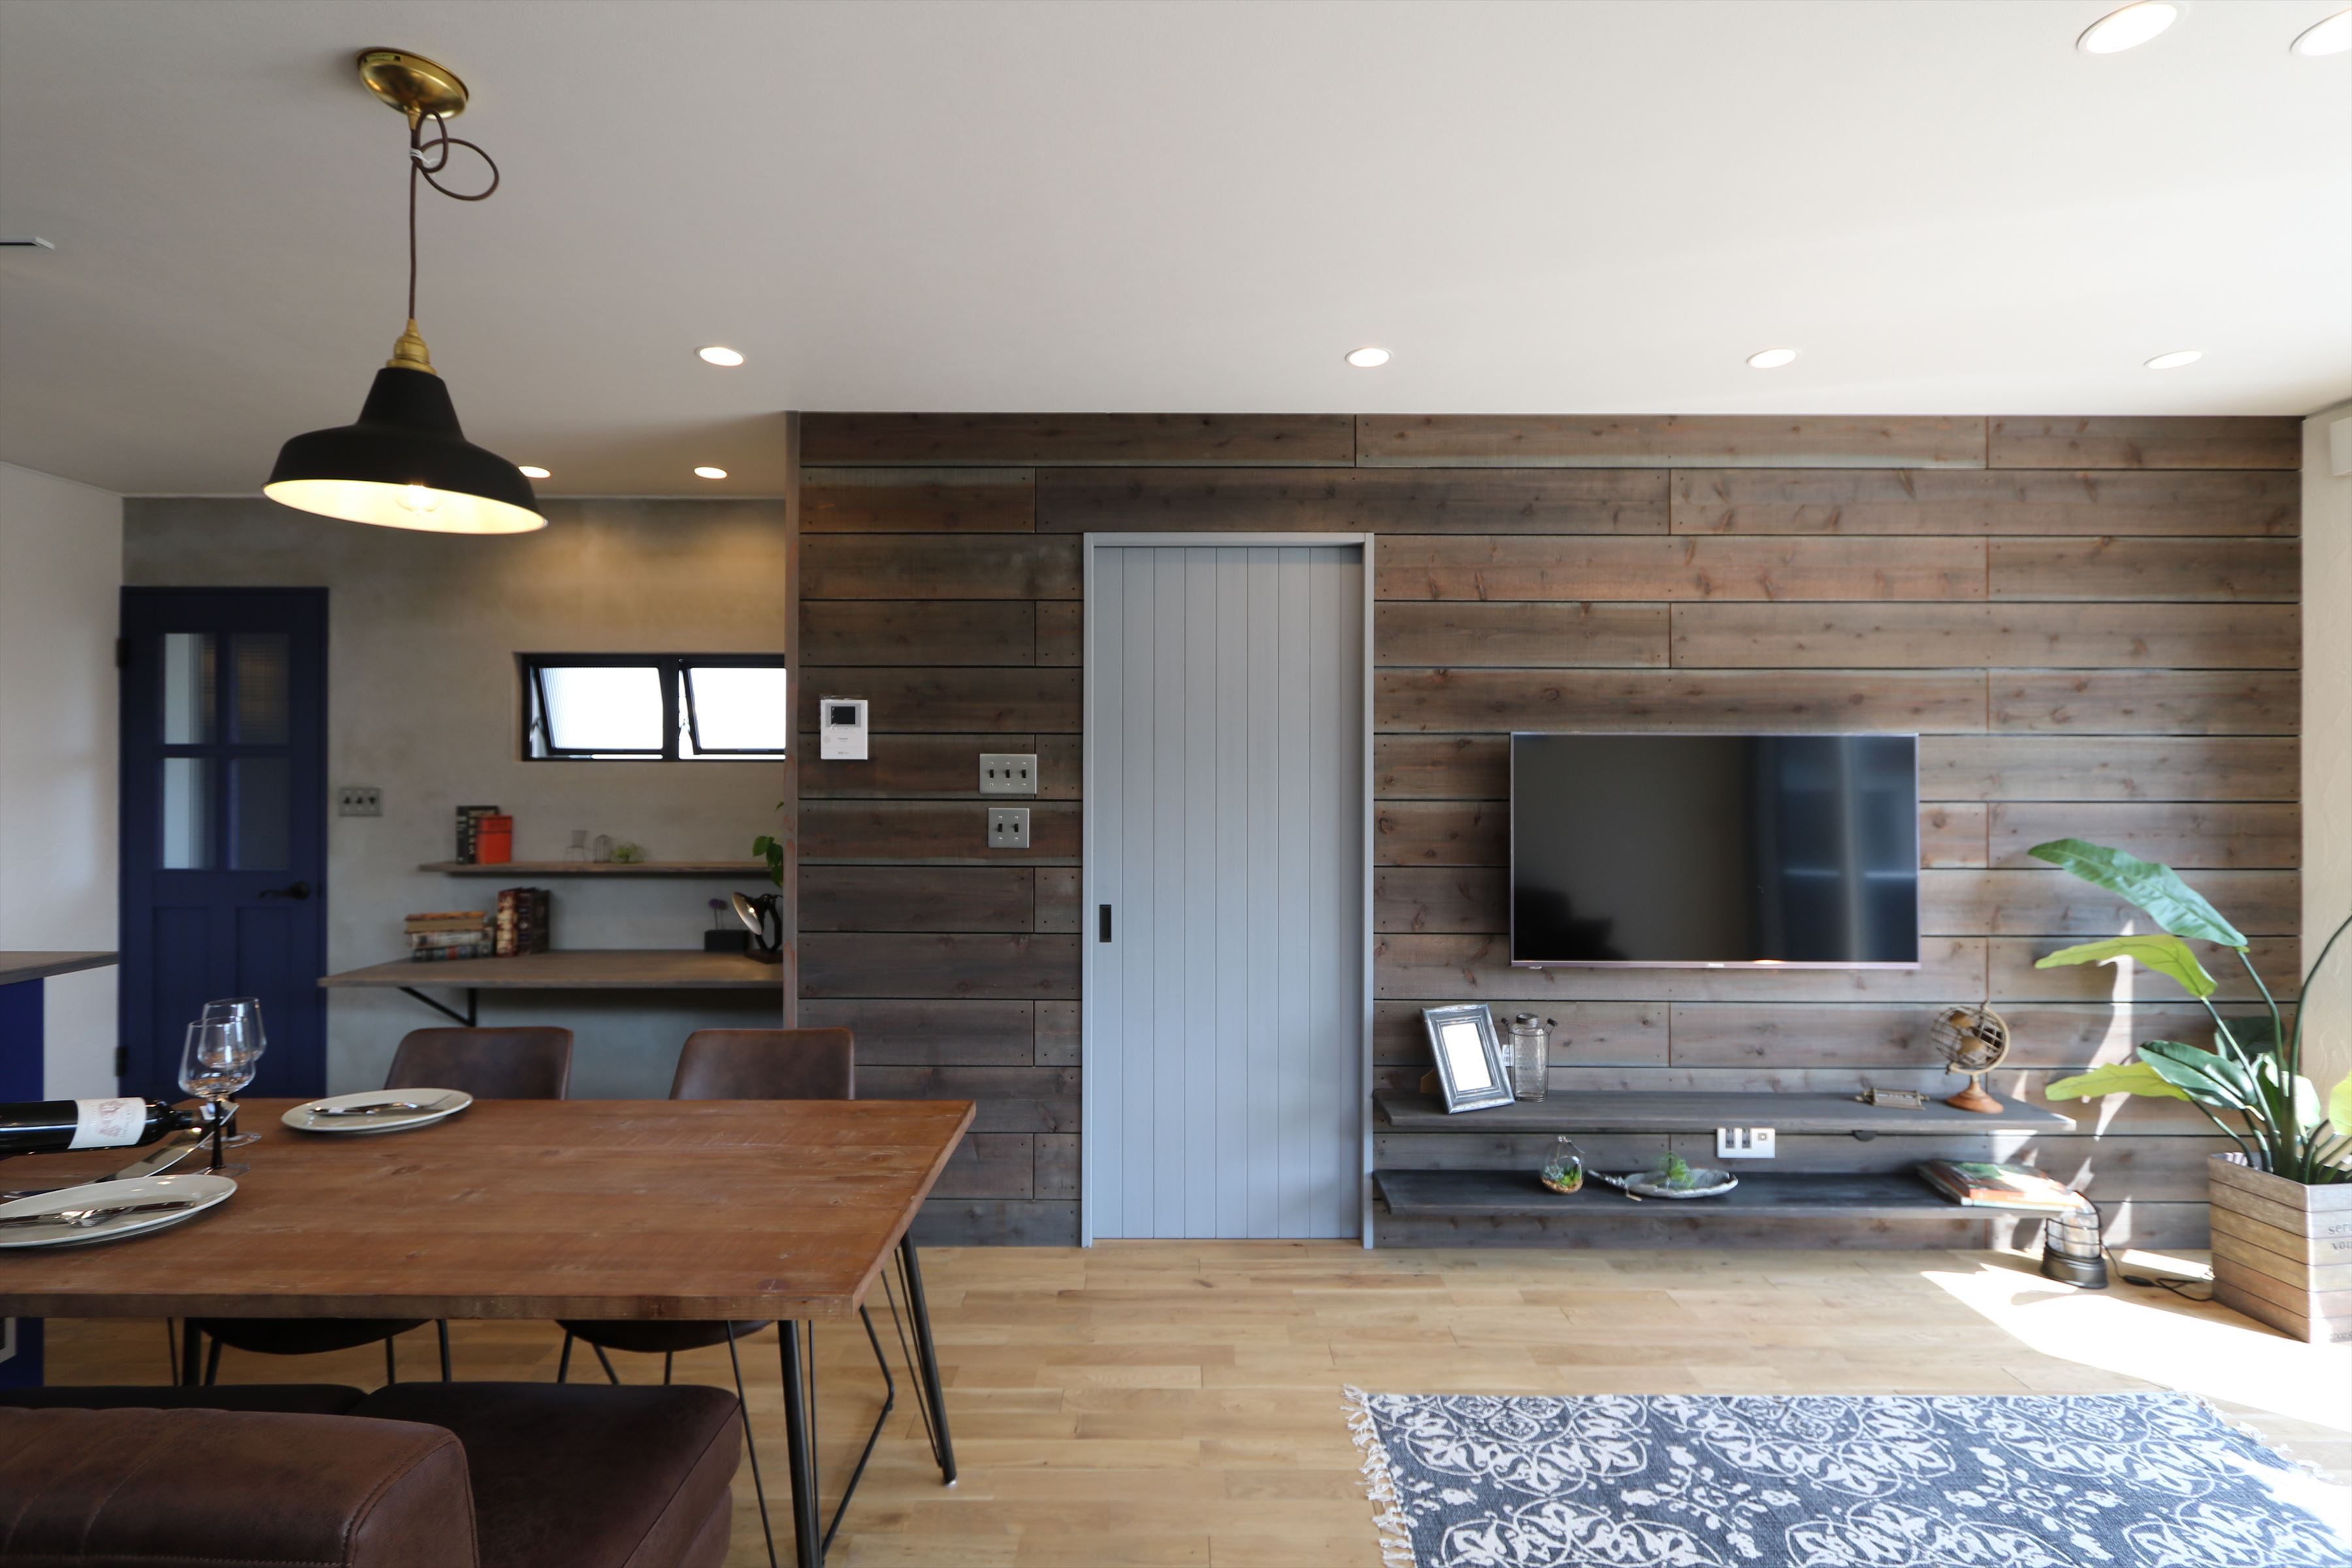 施工事例過去|NATURAL MODERN STYLE|石川県金沢市の注文住宅・デザイン性・新築の家・戸建て|E-HOUSE